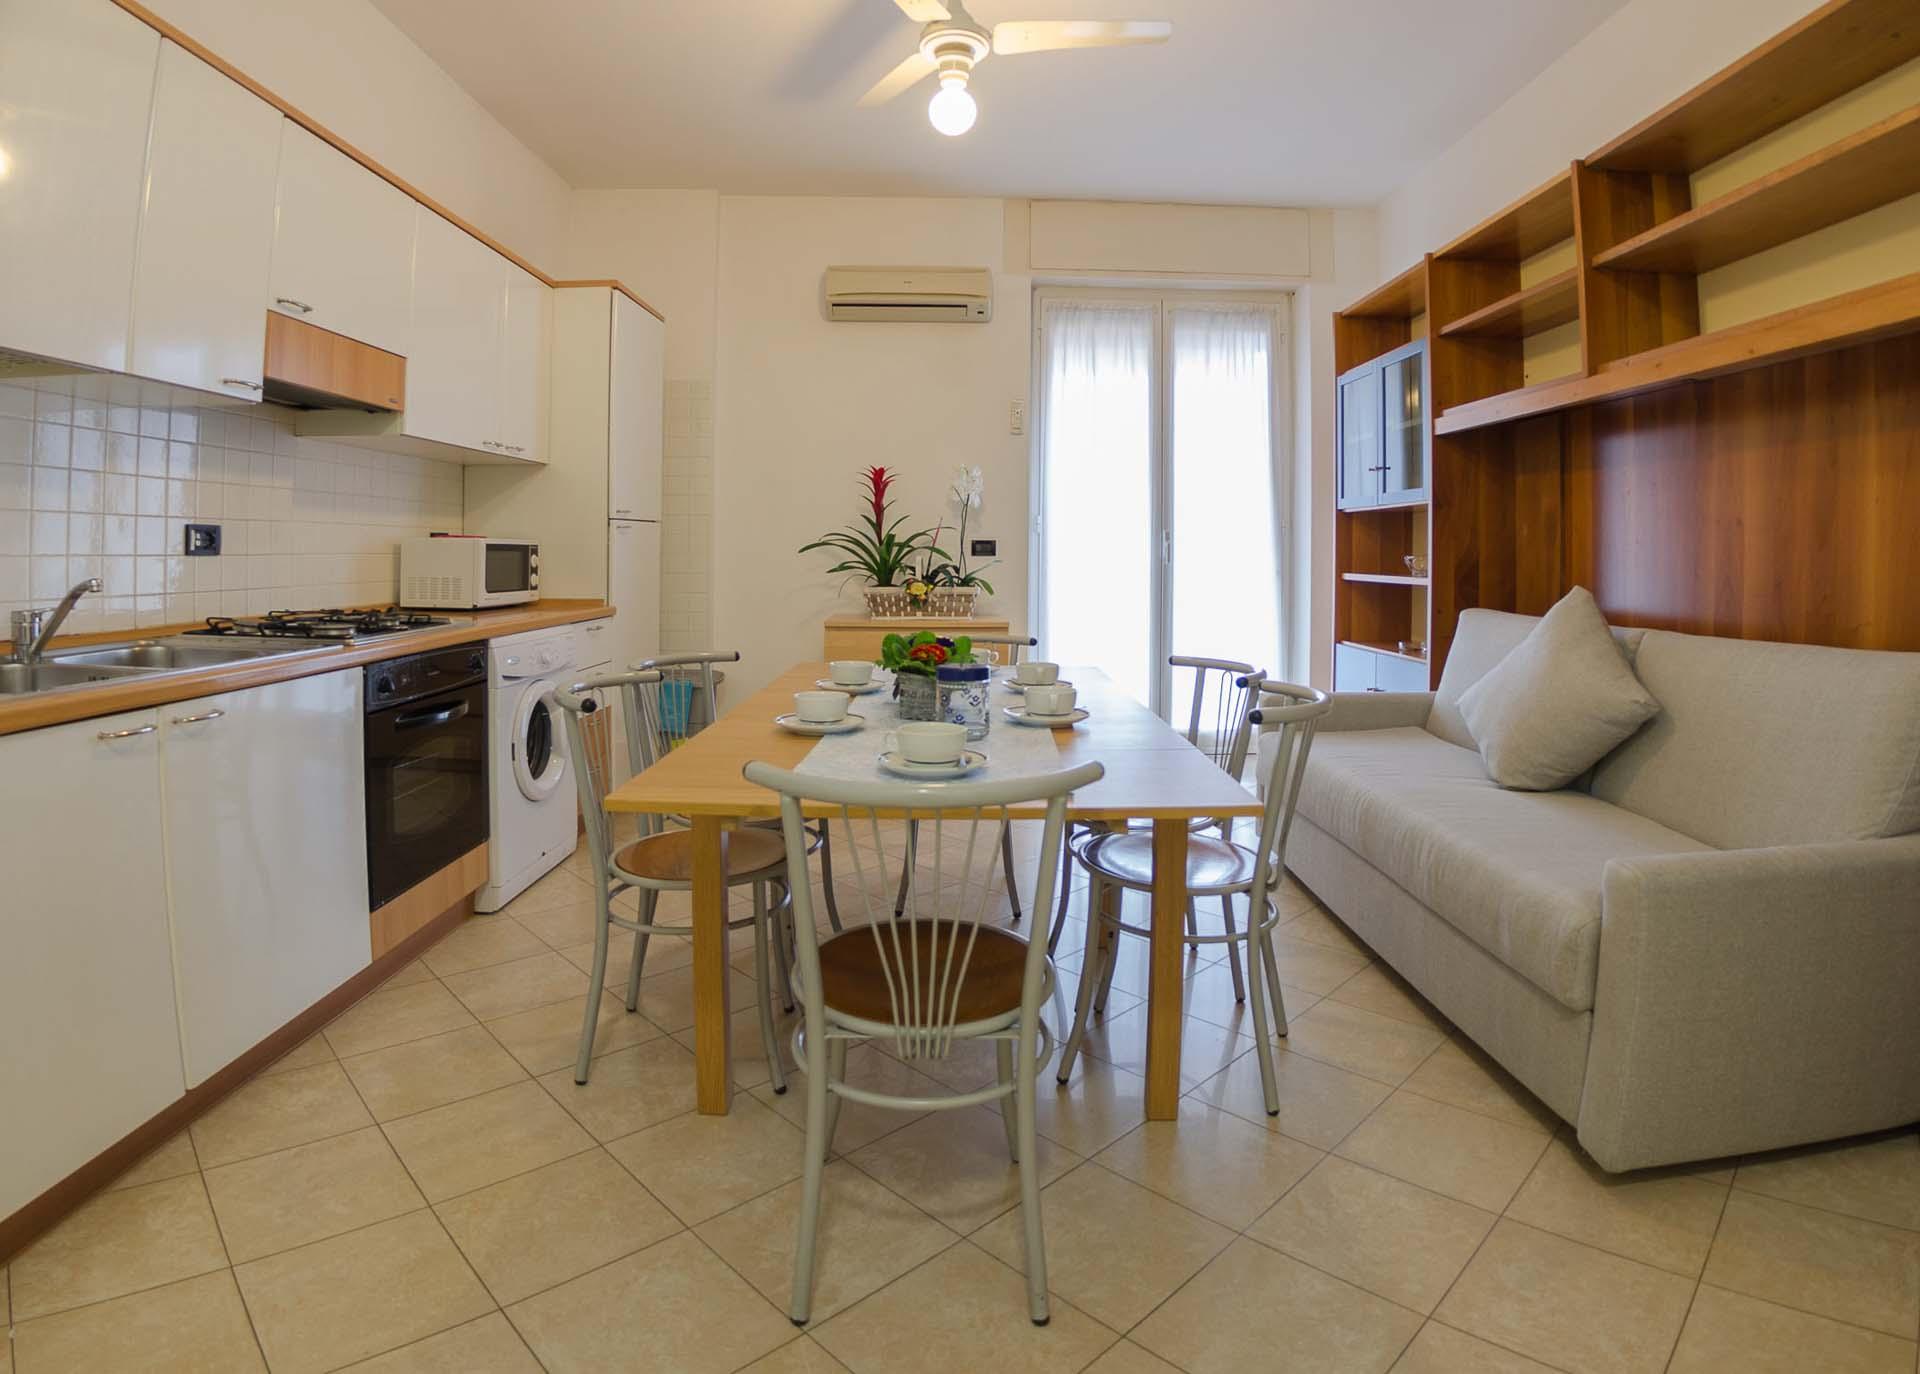 Residenza adelaide appartamenti vacanze for Appartamenti vacanze affitto